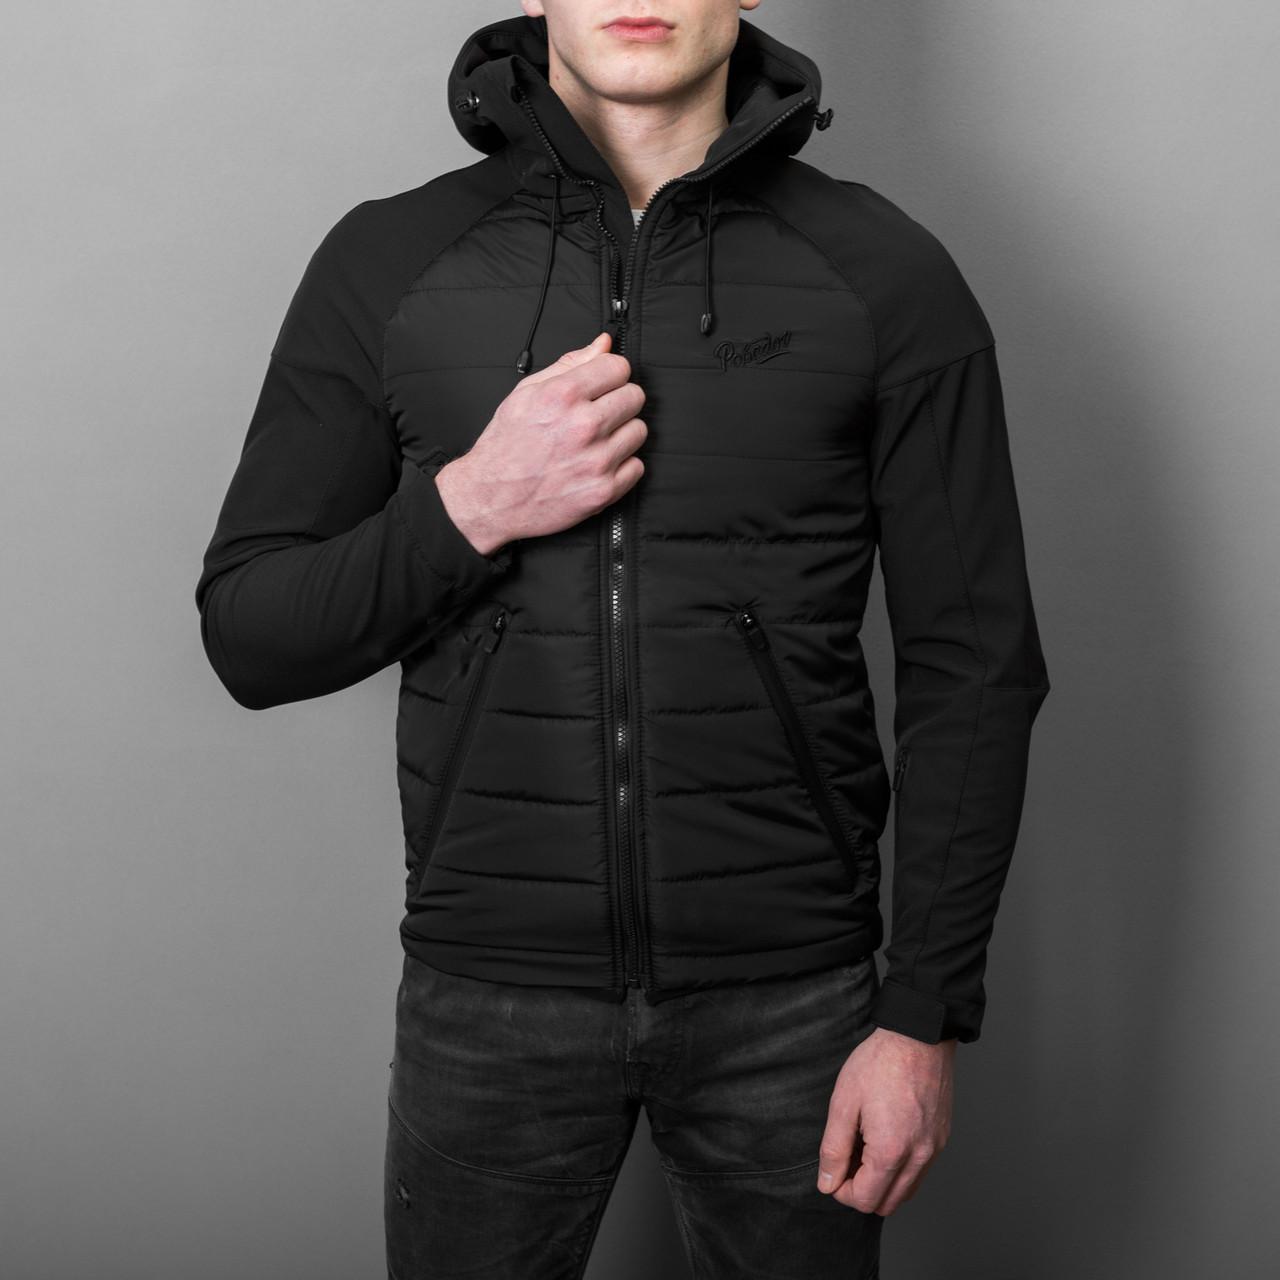 8cc05a081664d Мужская Весенняя куртка Soft Shell Combi - INTRUDER | Интернет- магазин  мужской одежды в Харькове